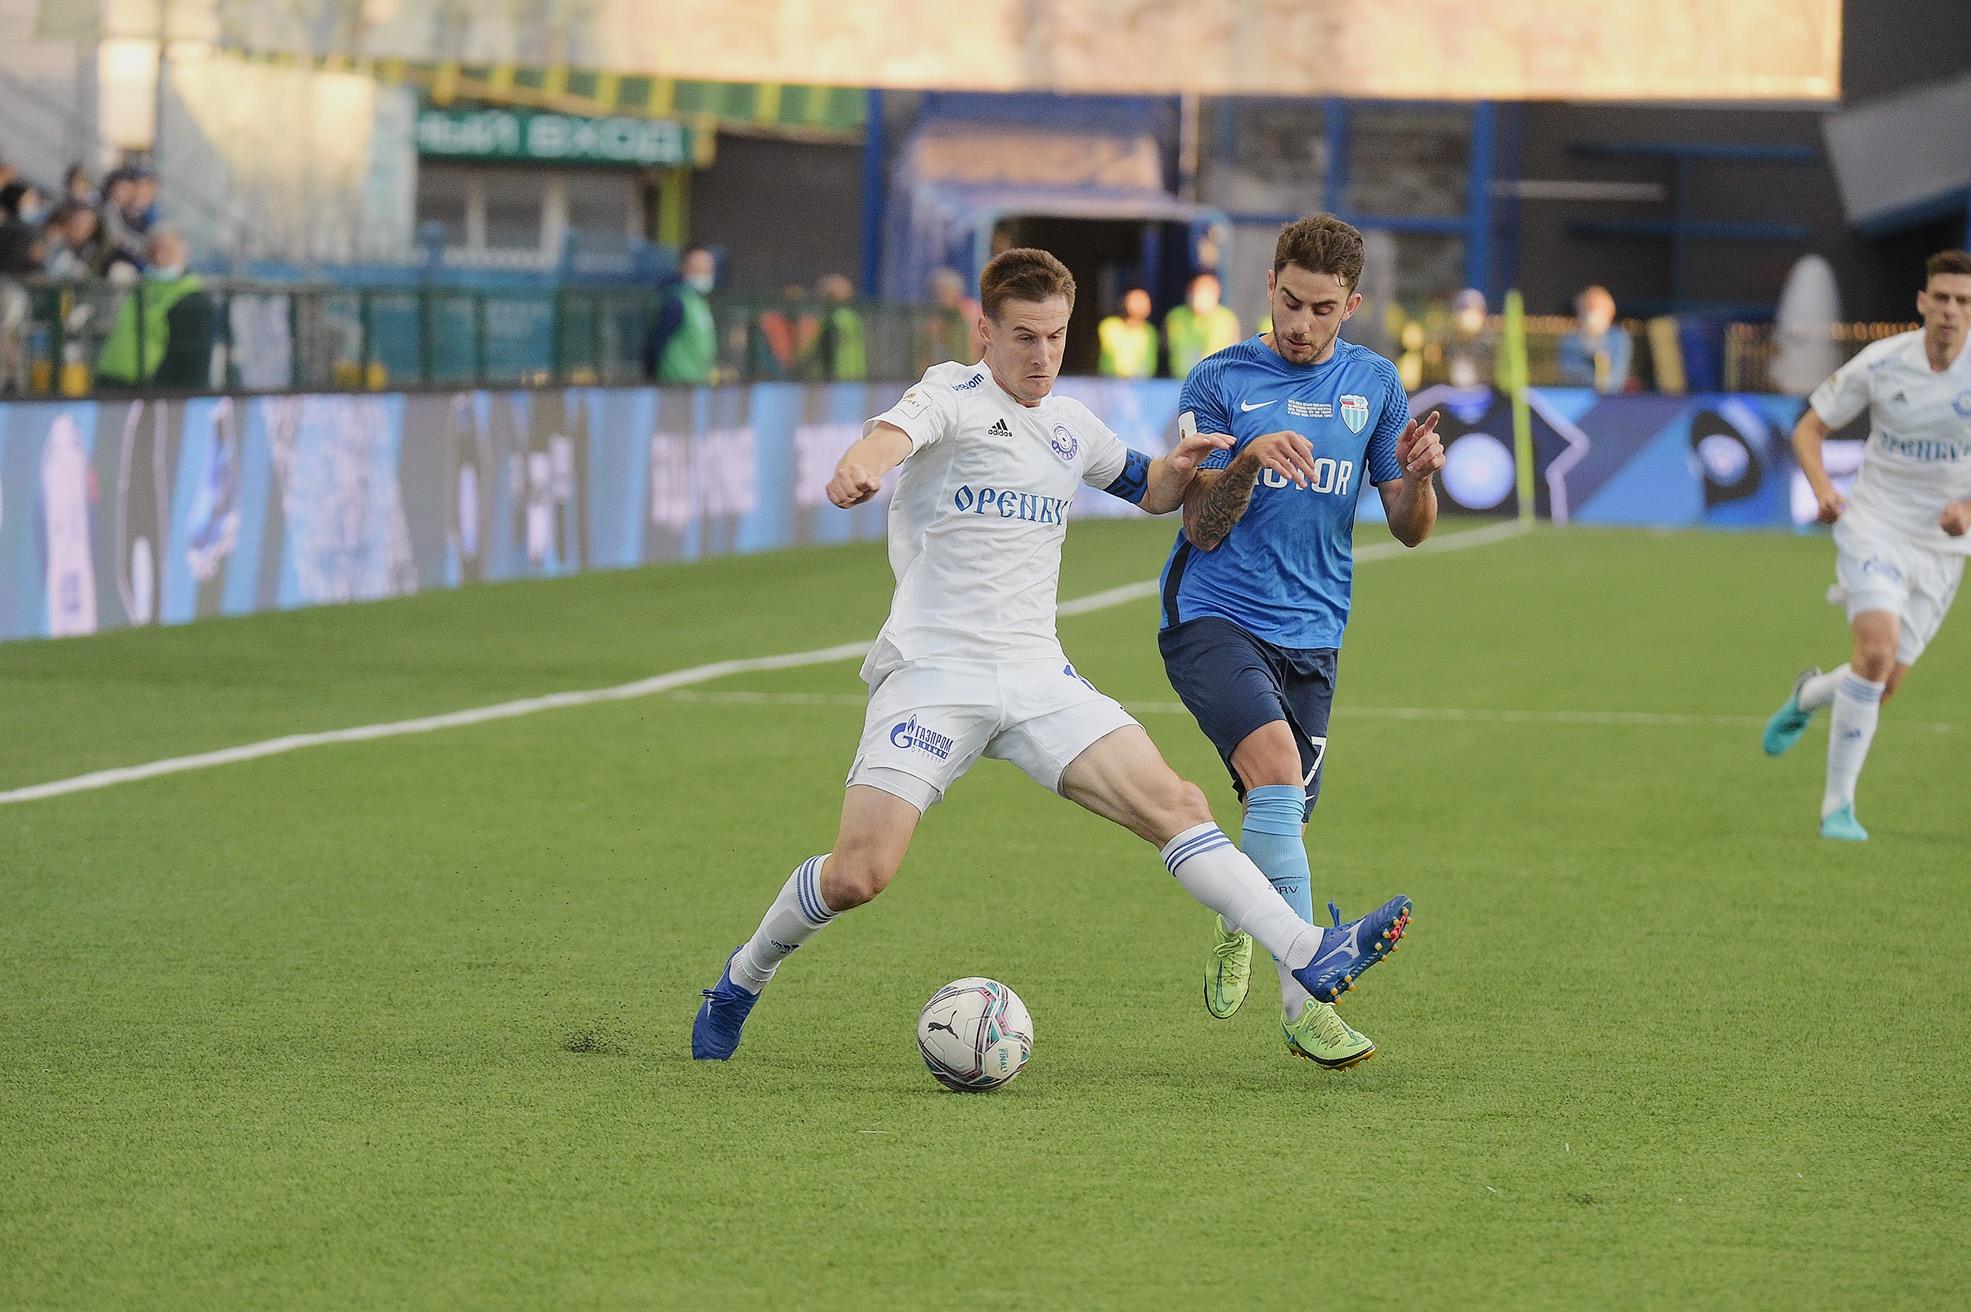 «Оренбург» сыграет с «Краснодаром-2». Андрей Малых пропустит матч из-за дисквалификации